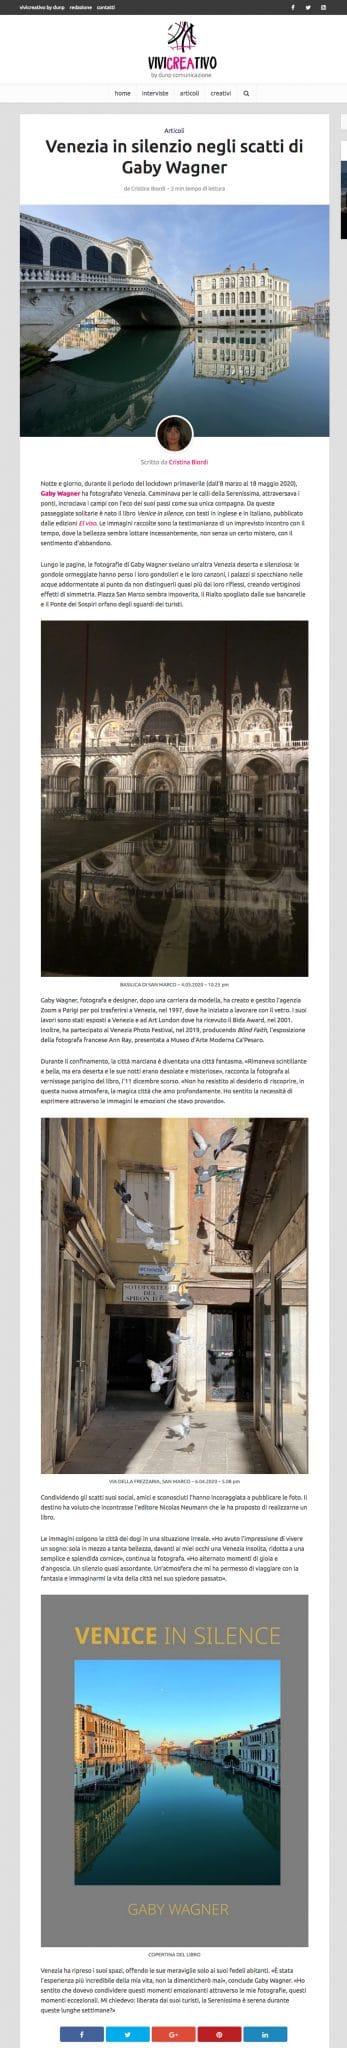 Venezia in silenzio negli scatti di Gaby Wagner